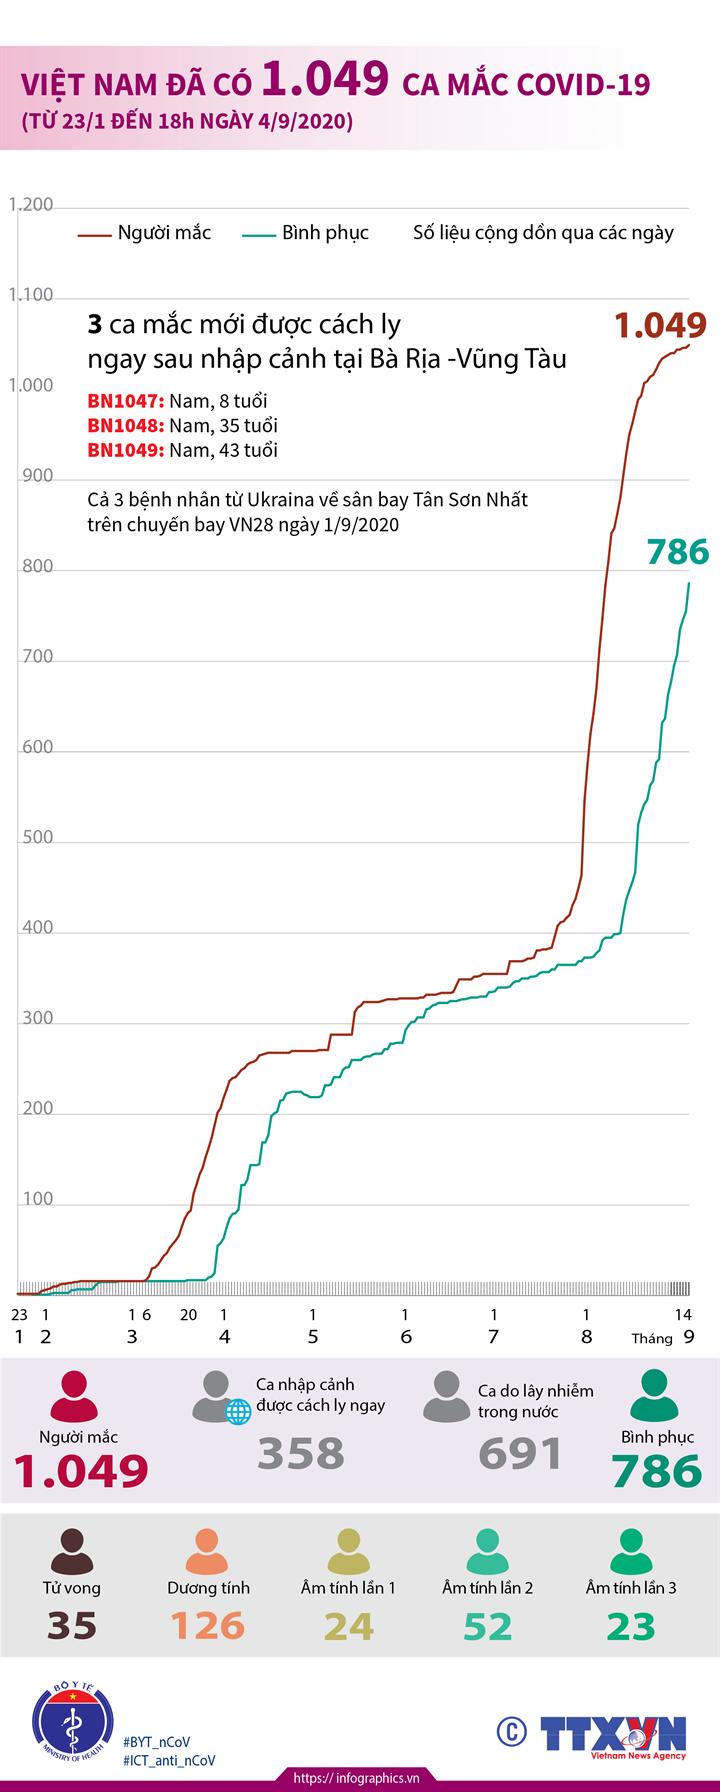 Việt Nam đã có 1.049 ca mắc COVID-19 (từ 23/1 đến 18h ngày 4/9/2020)